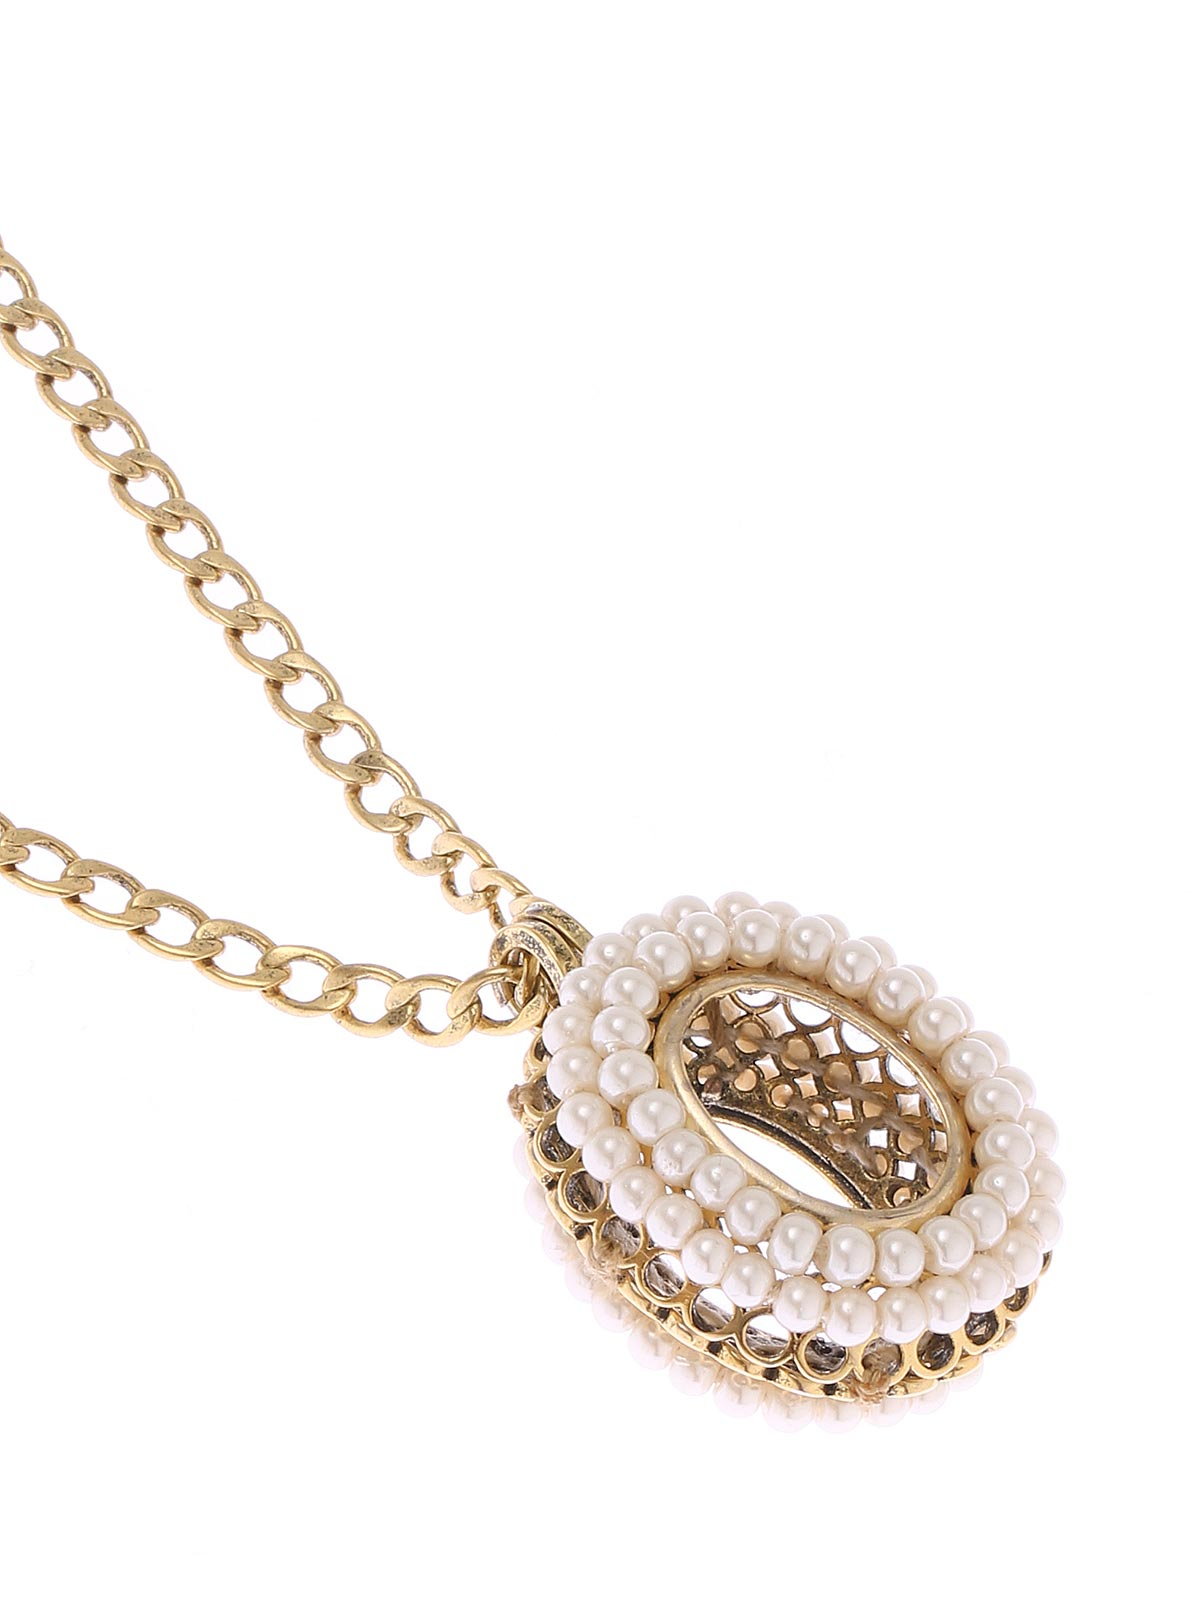 Collana a catena con pendente ovale impreziosito con perle